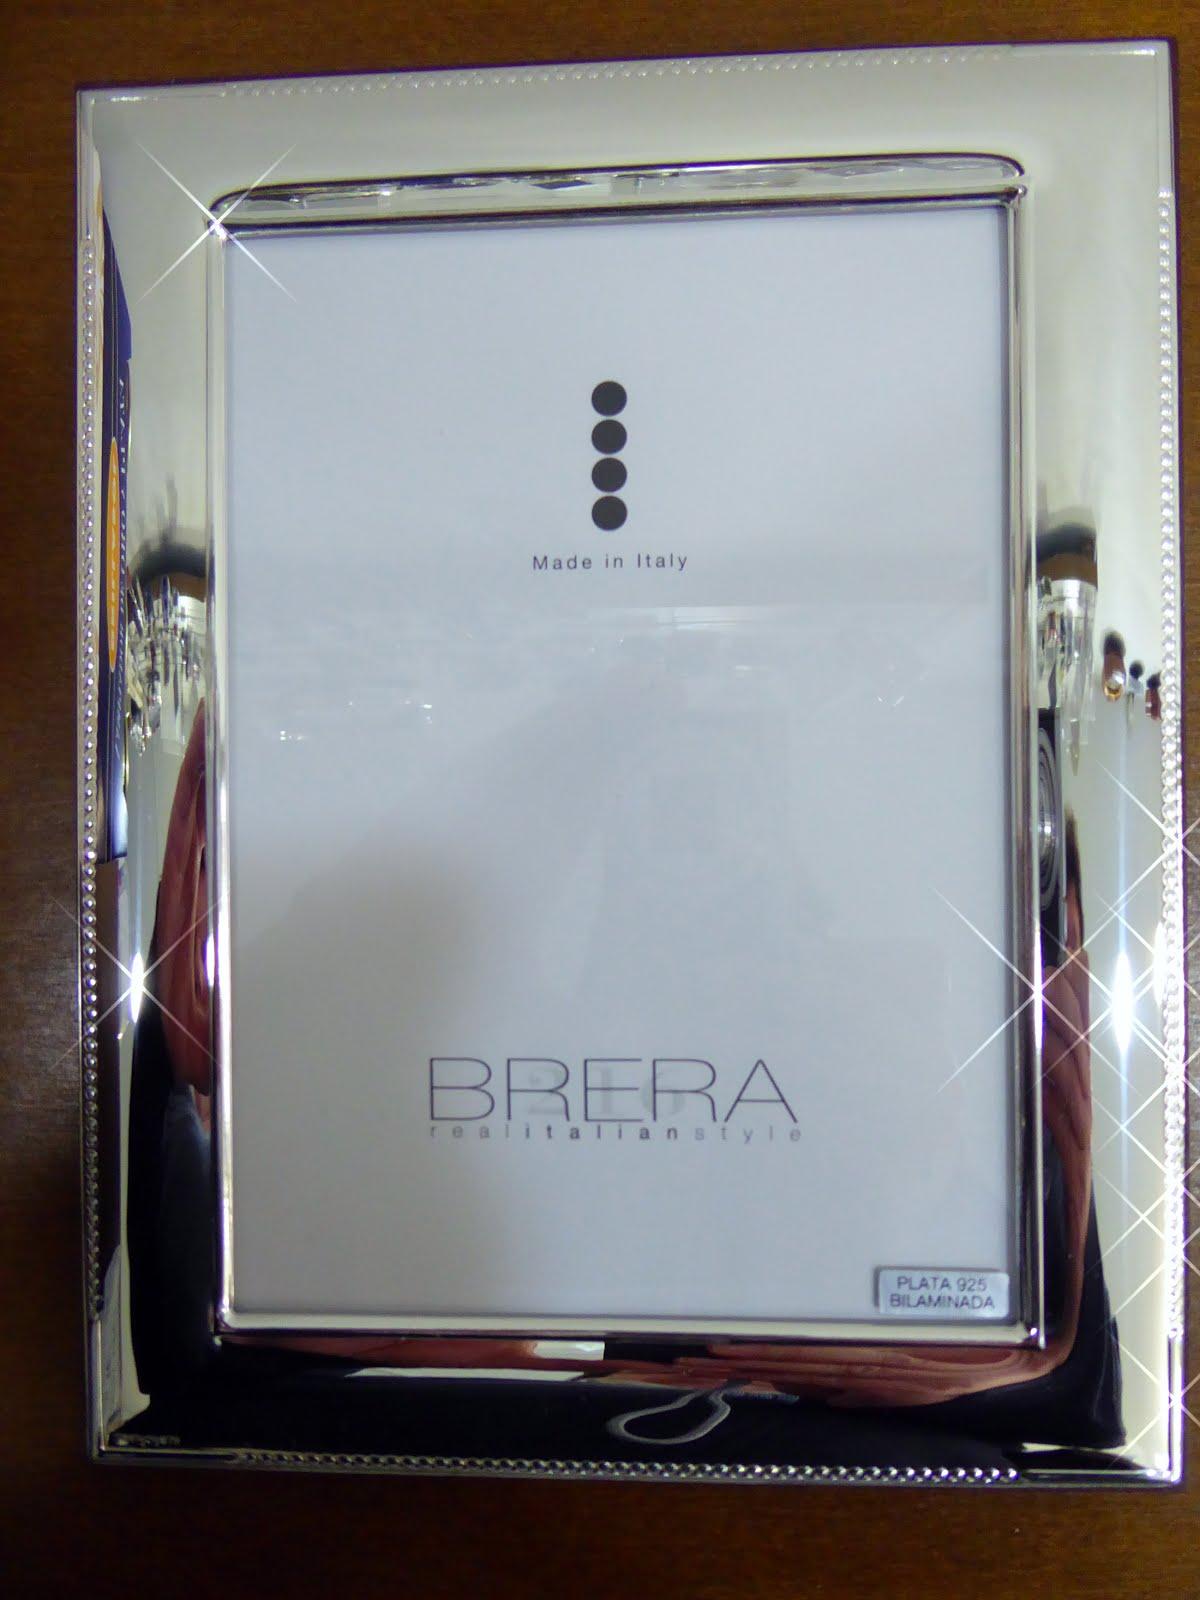 Marcos de plata italianos, marca Brera